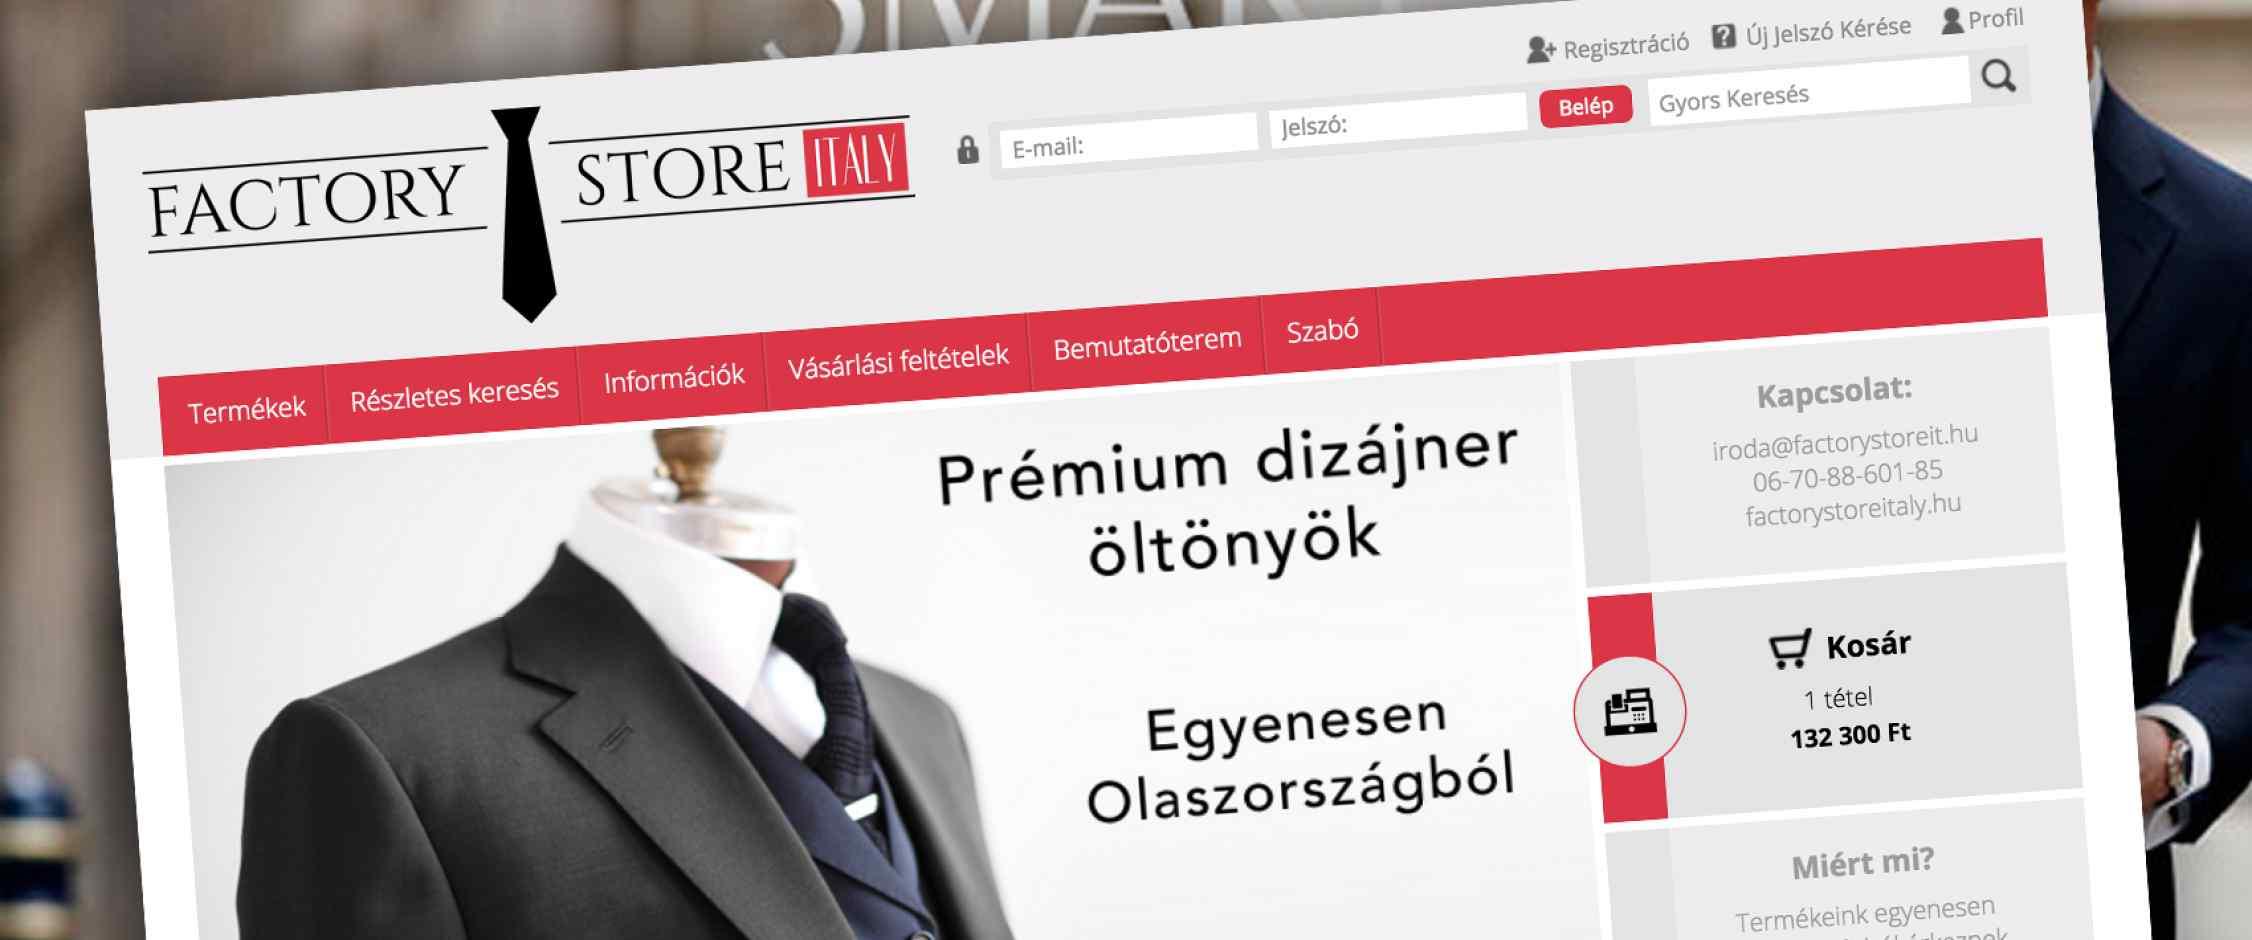 Factory Store Italy webáruház